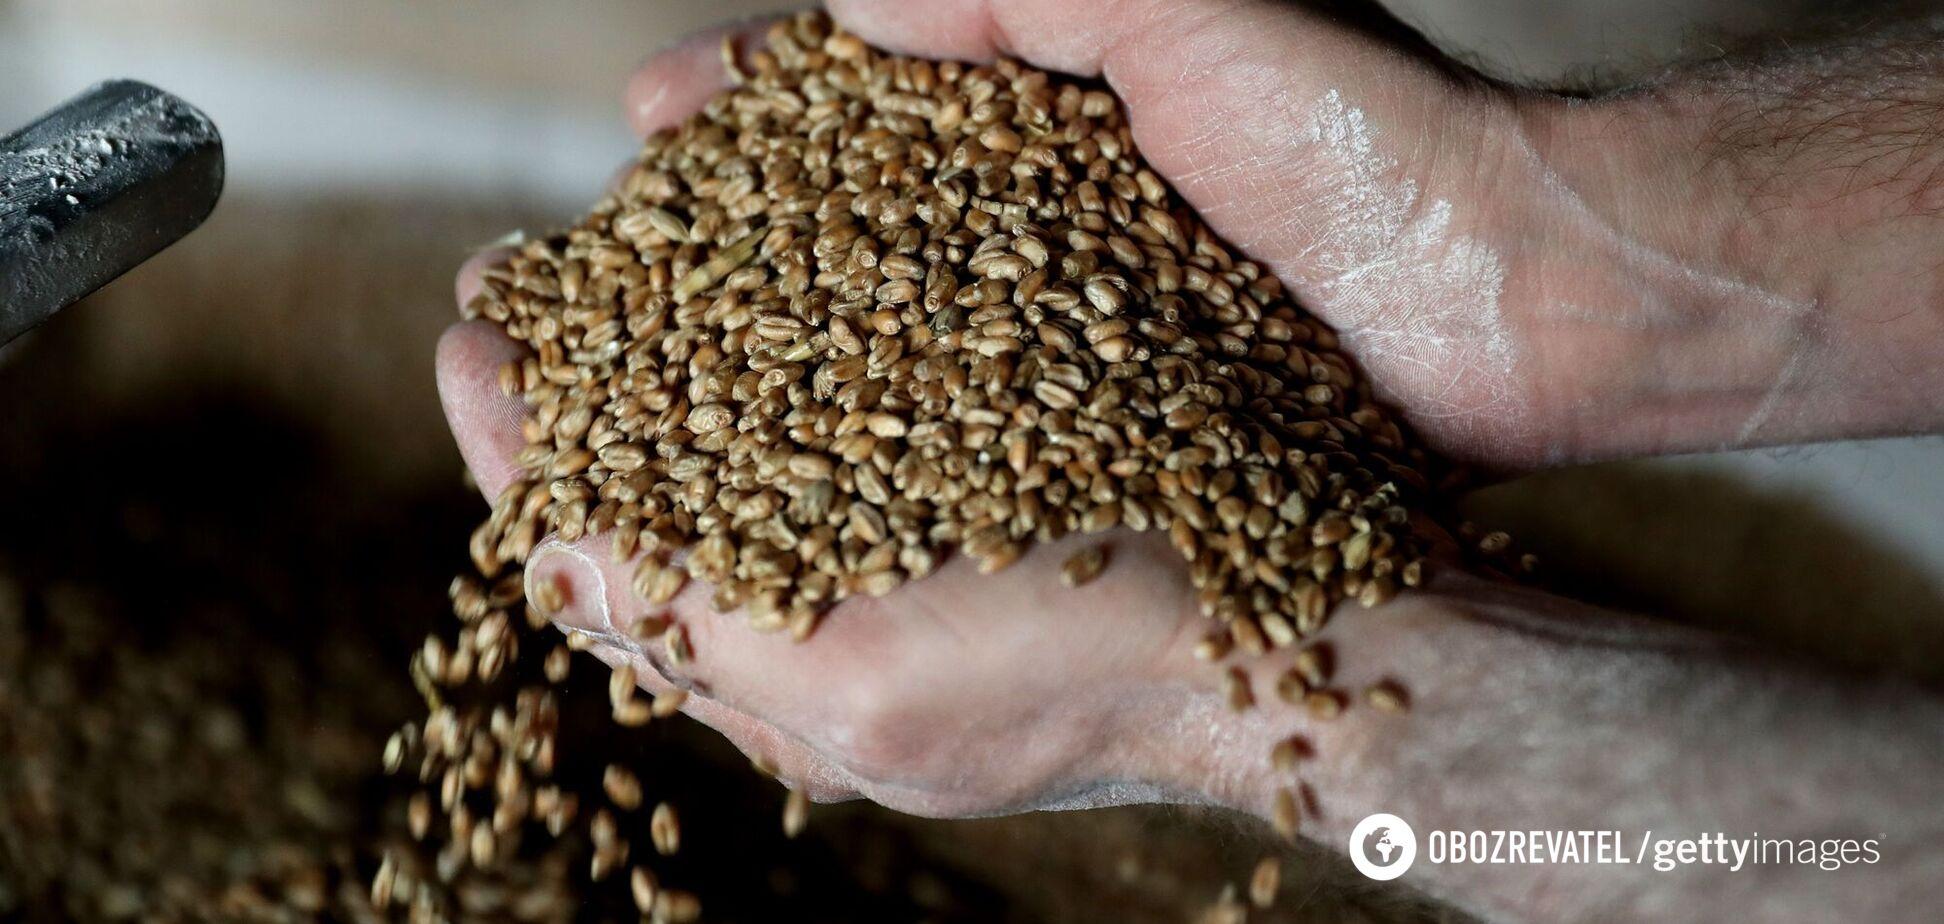 Запасы зерна в Украине критически упали: почему и чем это грозит